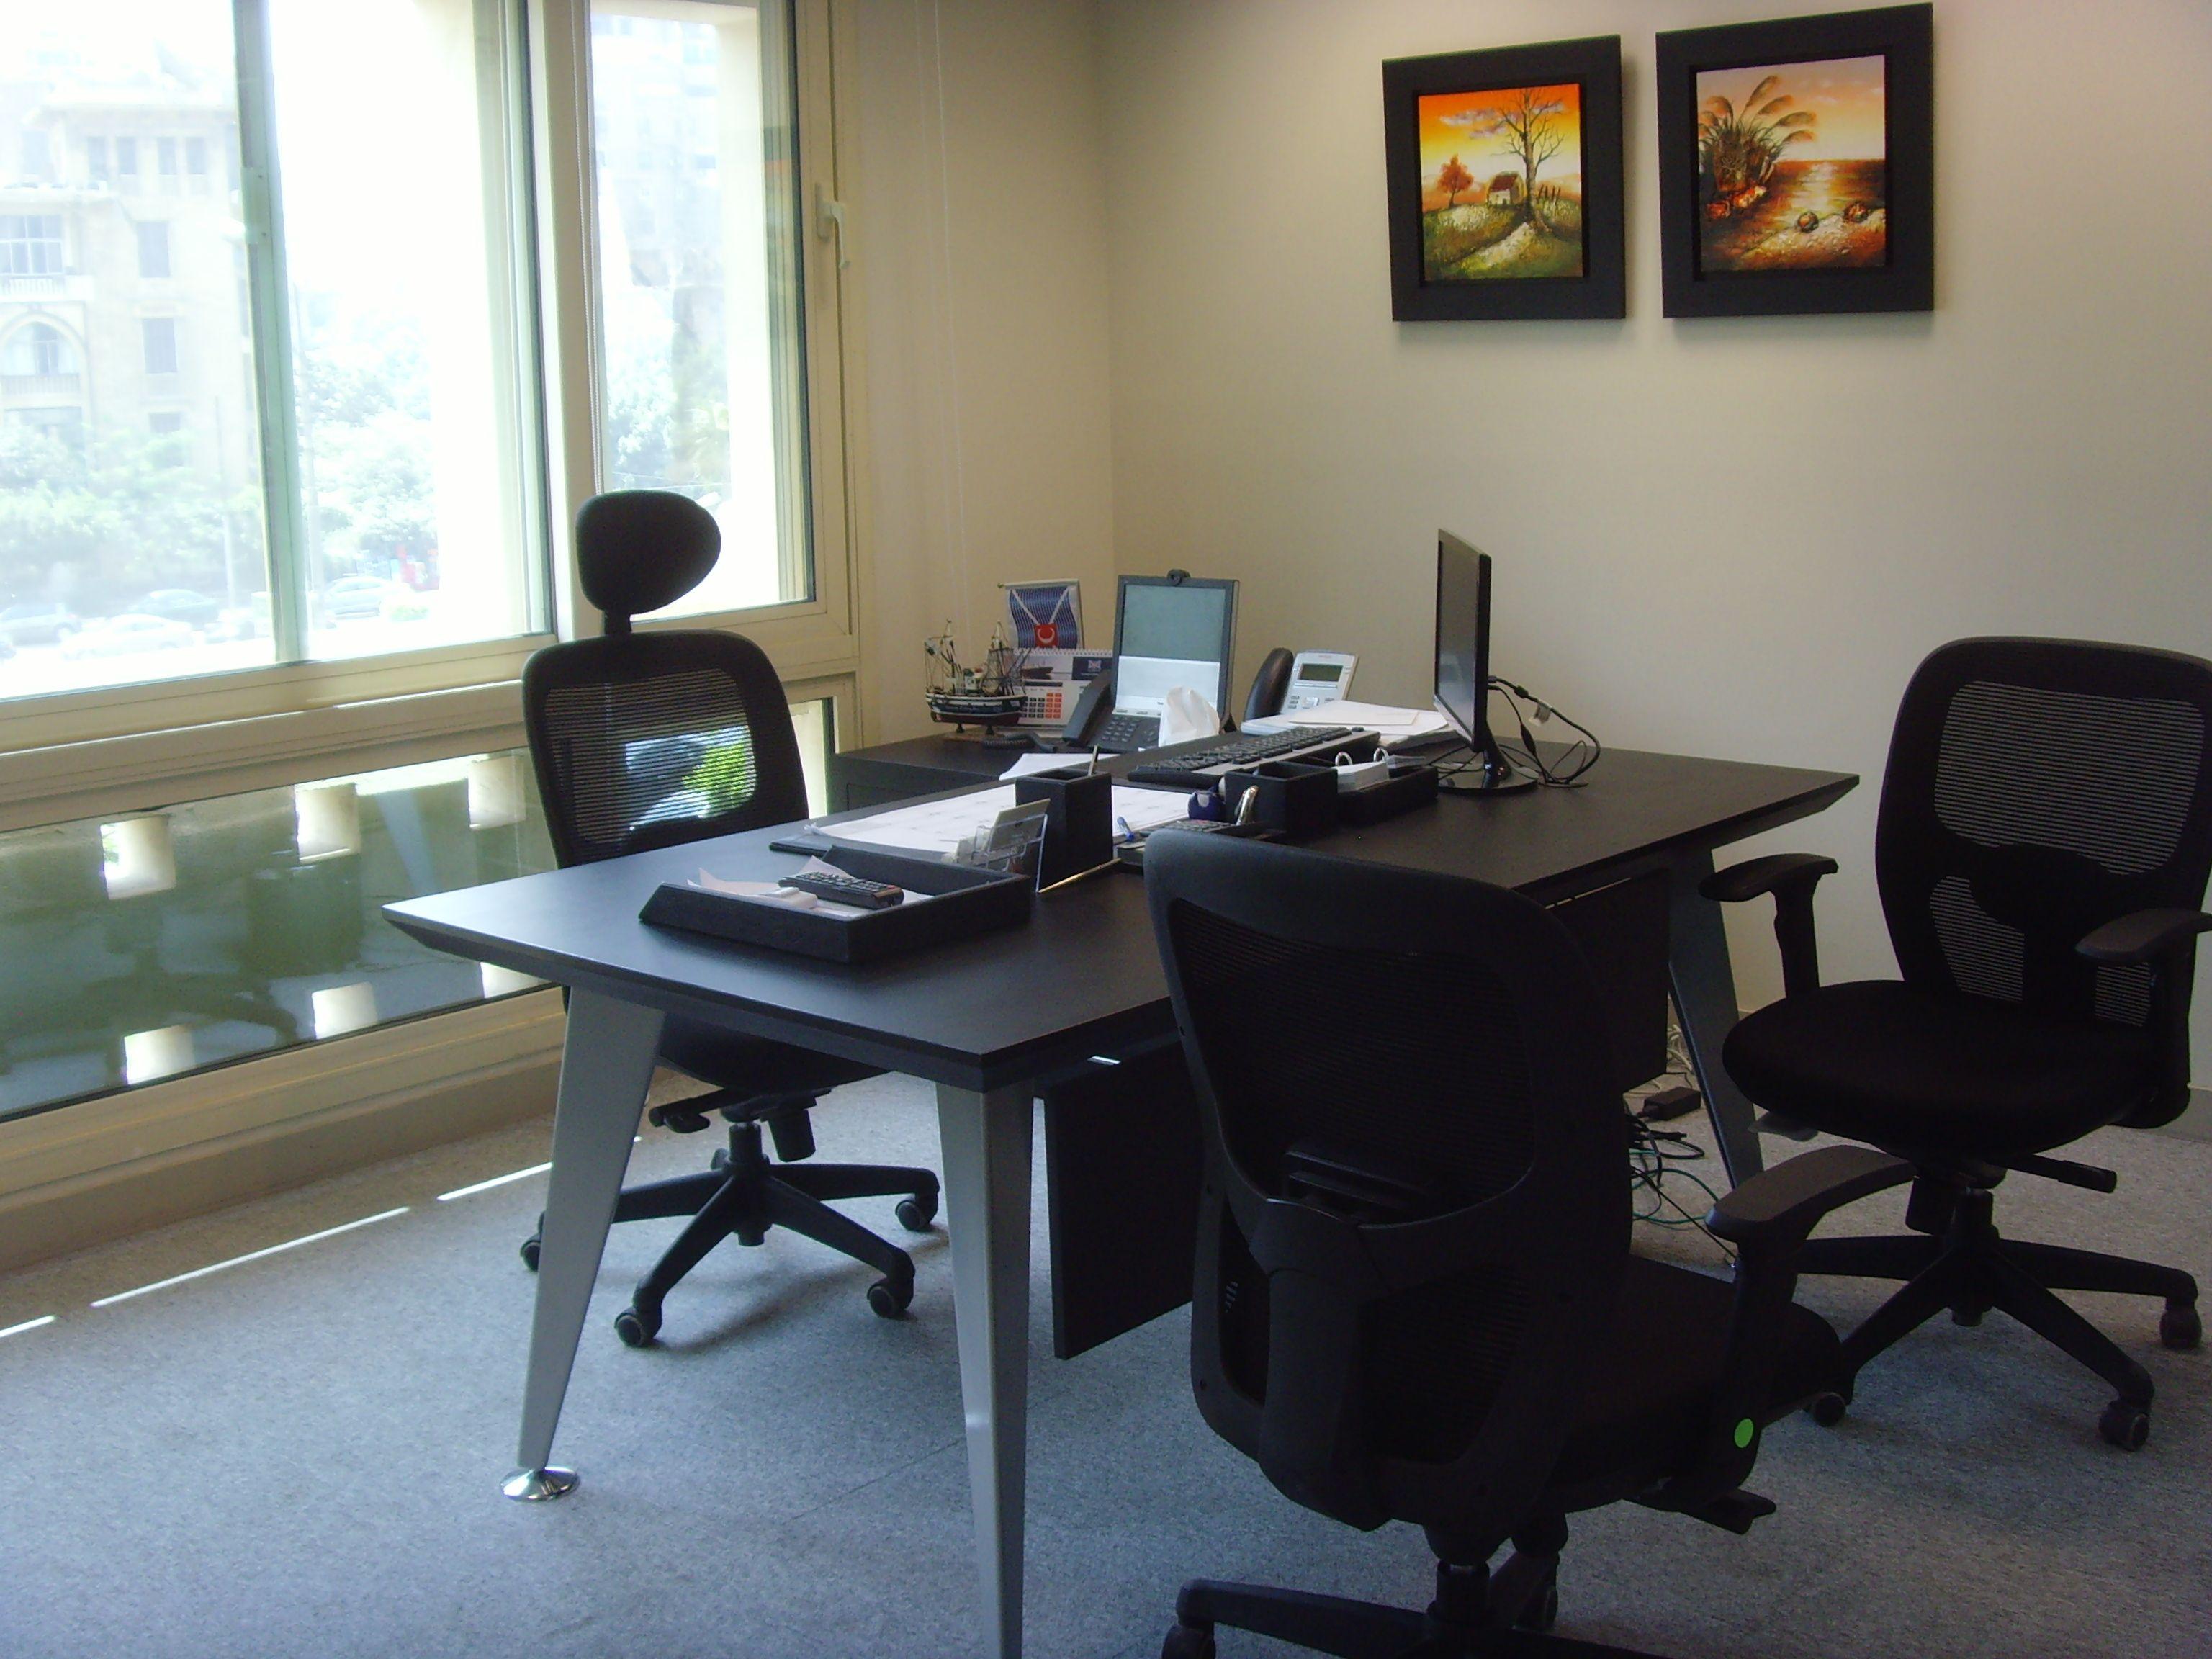 Private Office Furniture Home Decor